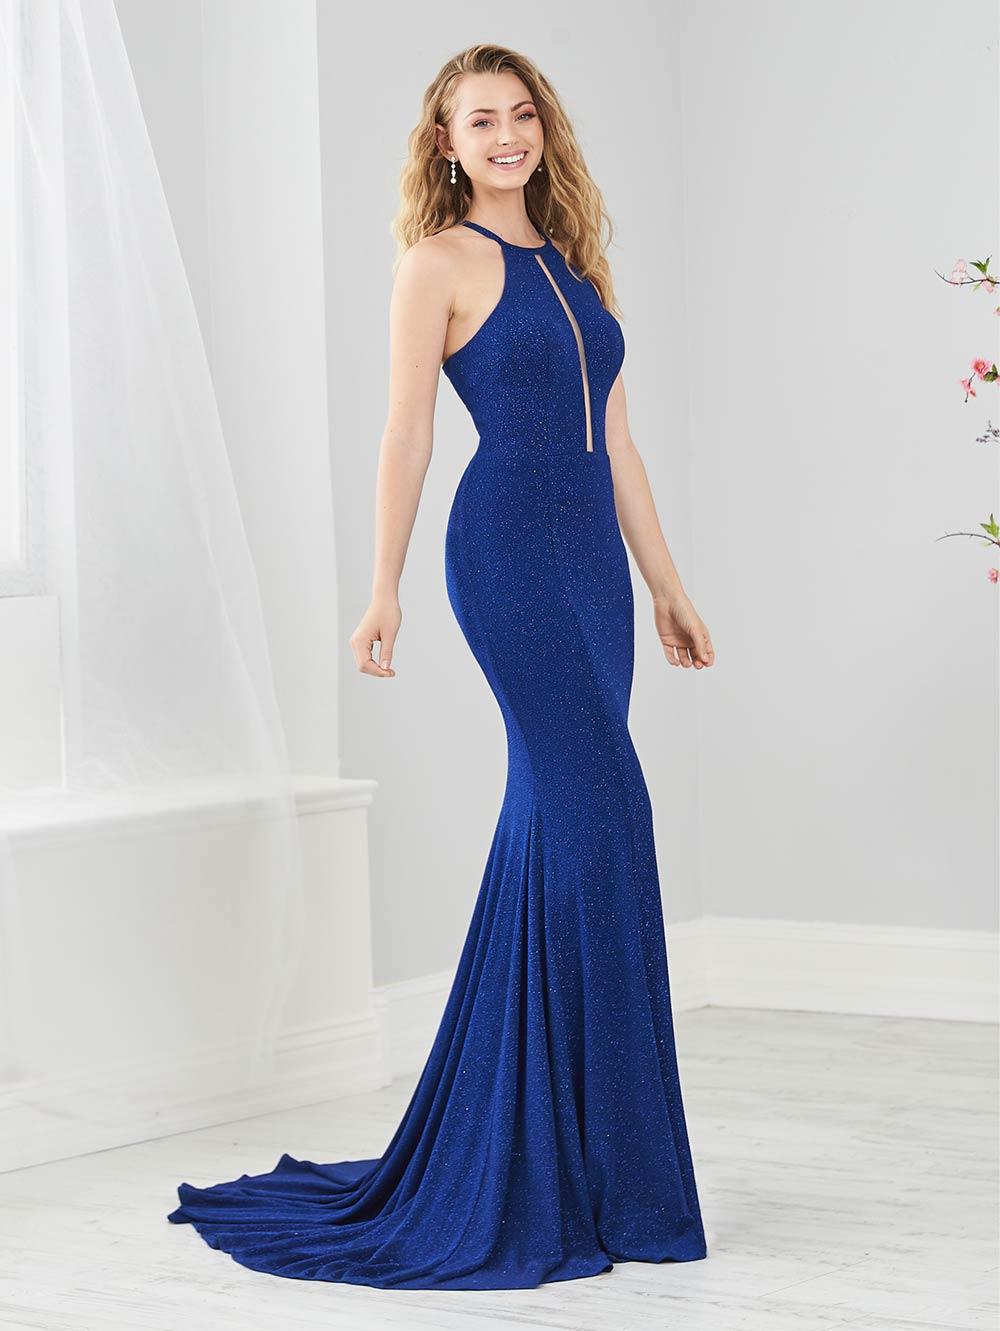 prom-dresses-jacquelin-bridals-canada-27889